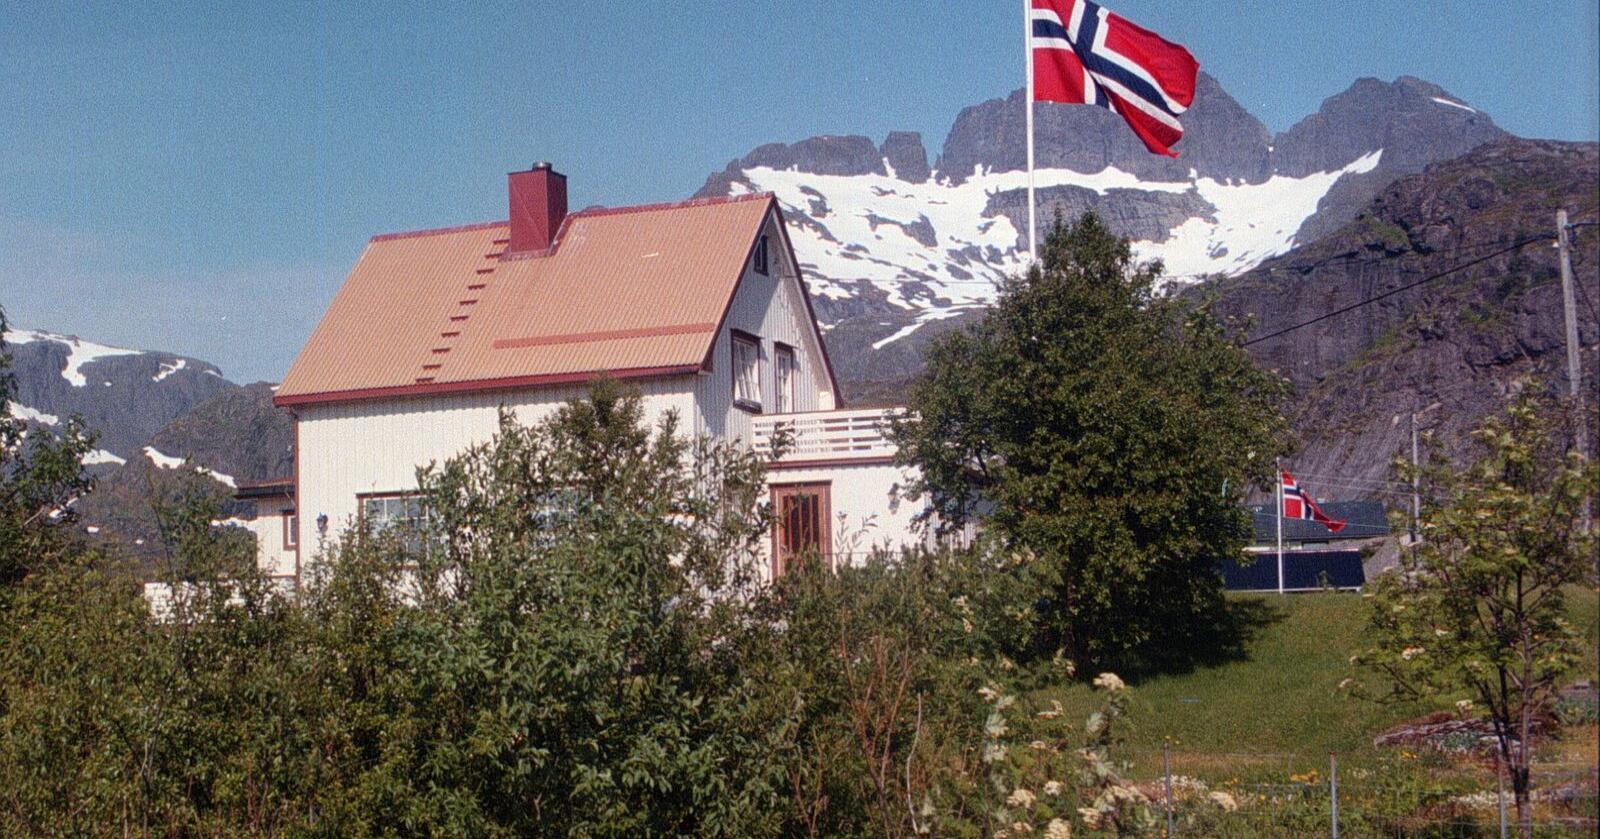 Skal man først bo på bygda, er de usjenerte, store tomtene attraktive. Det må kommunene få lov til å tilby. Her fra Reine i Lofoten. Foto: Gorm Kallestad / NTB  (FRB)